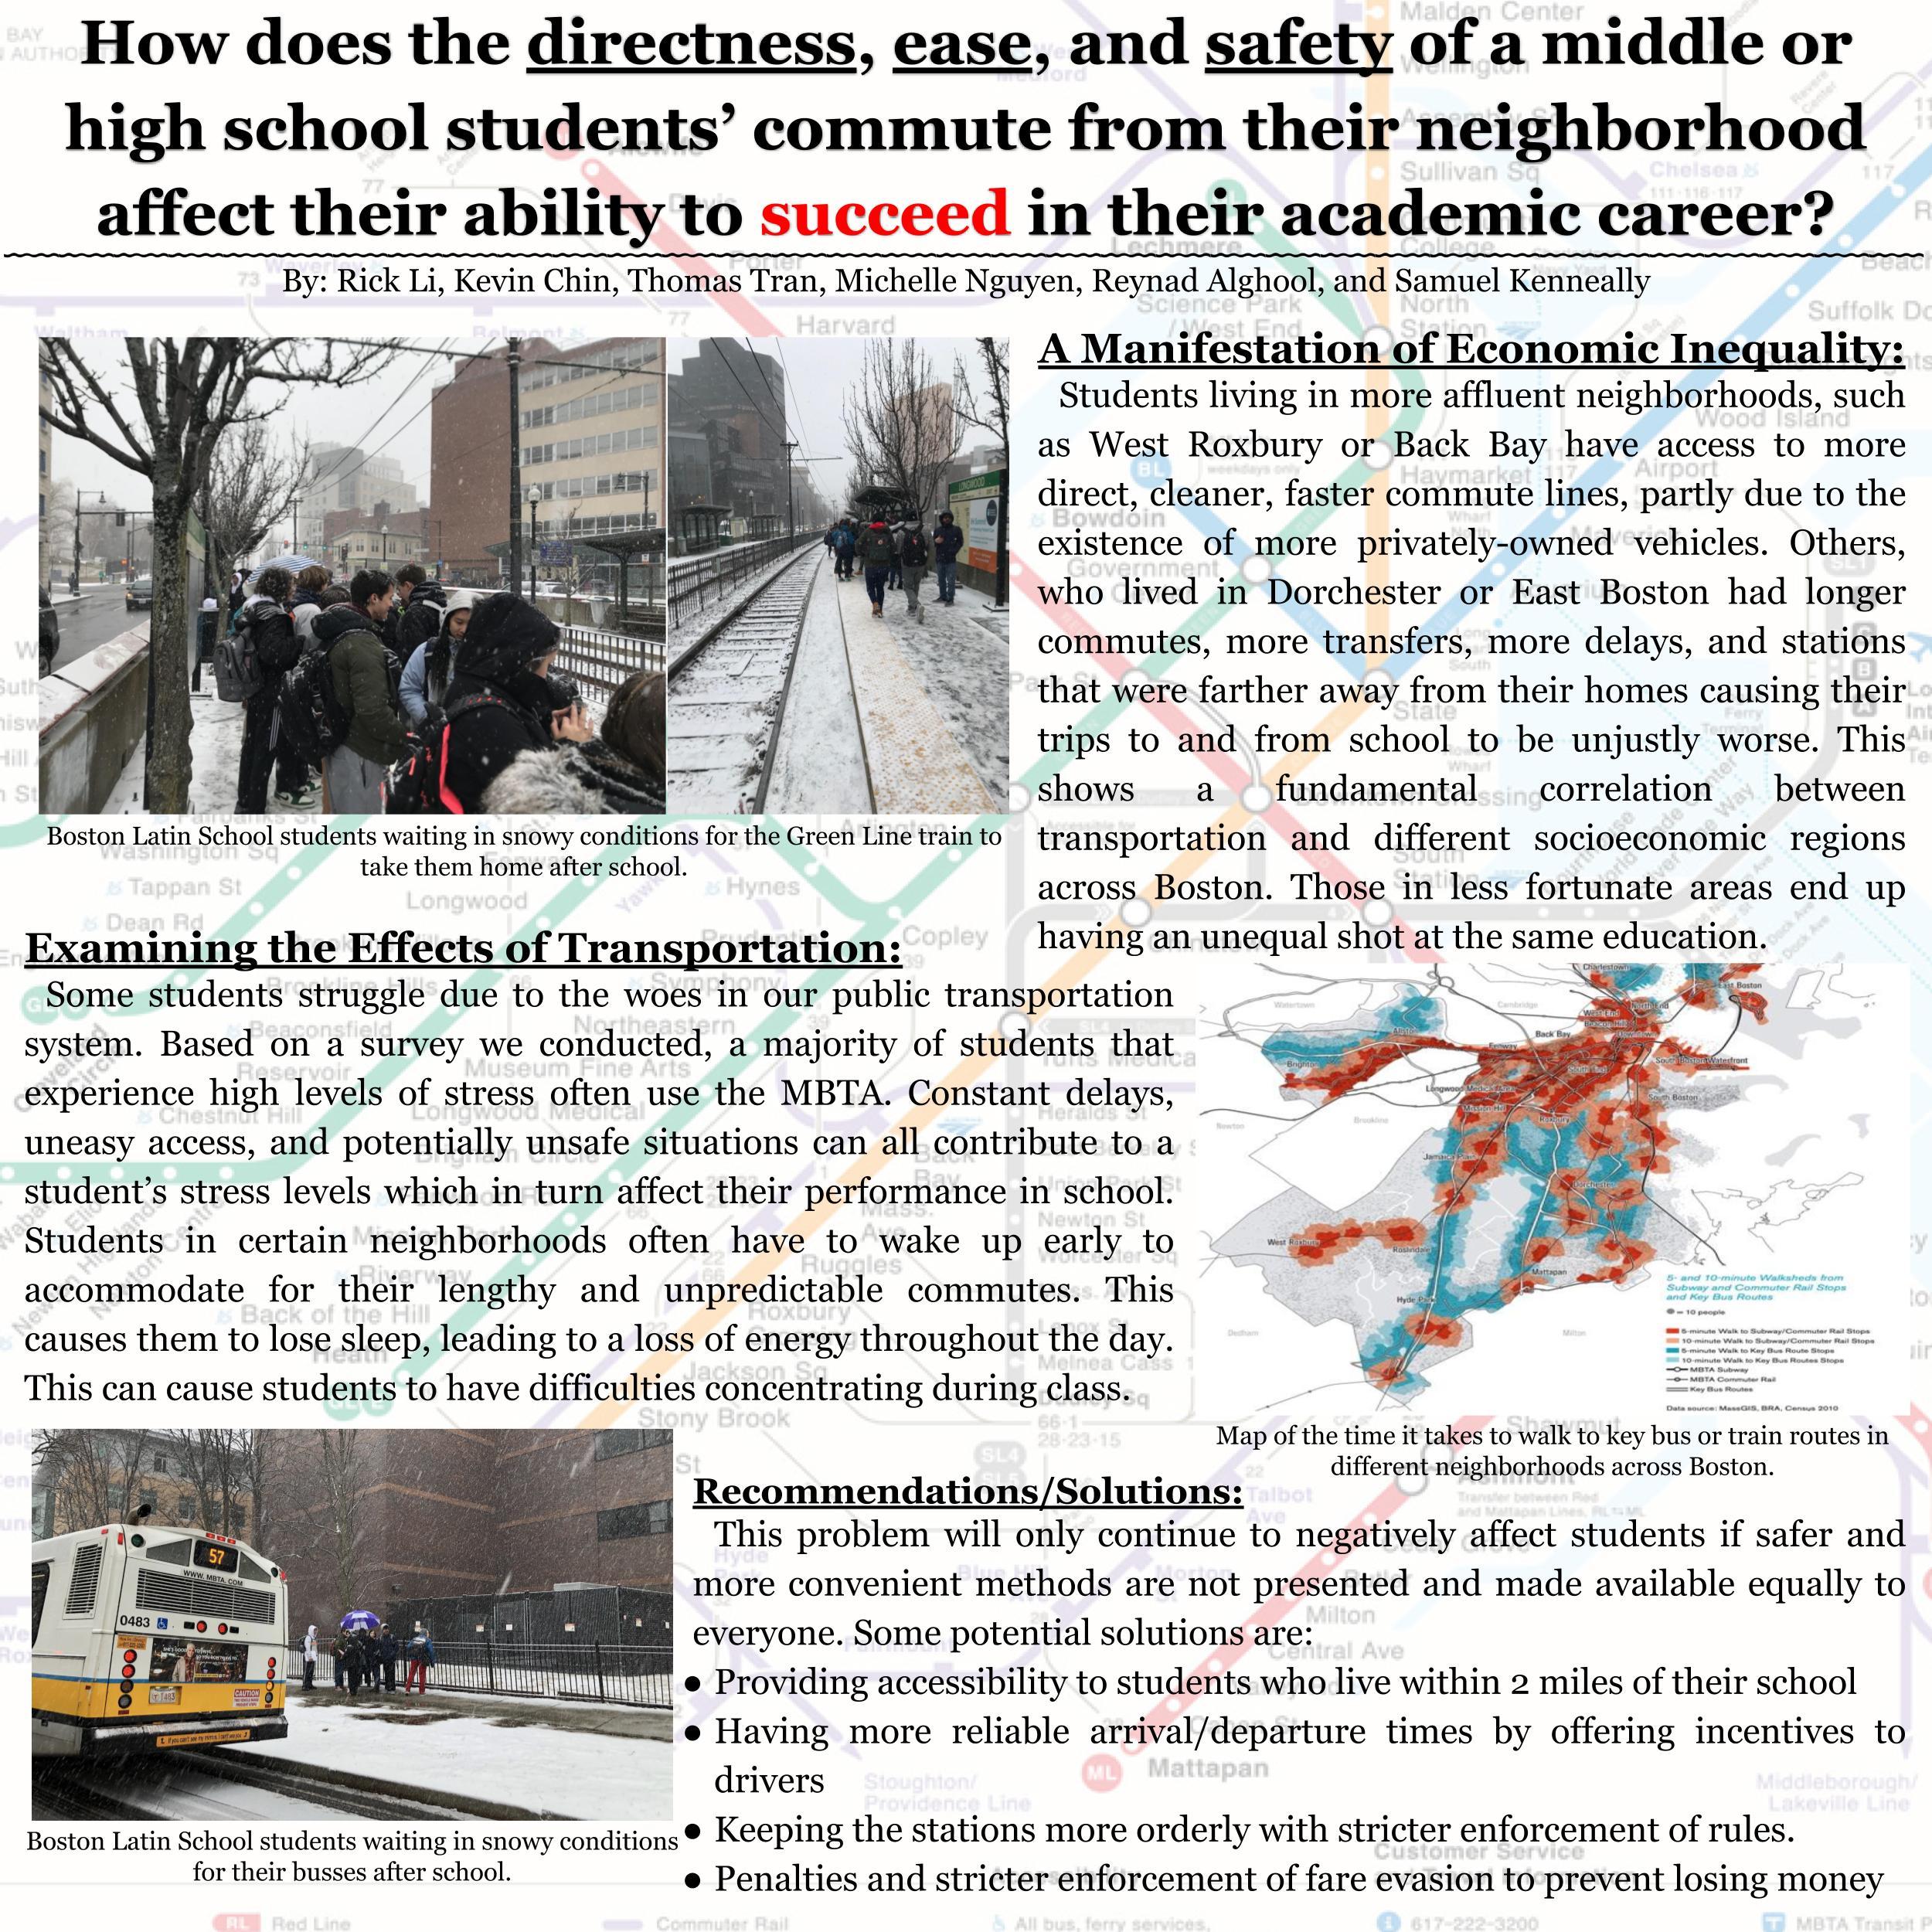 BurkeTransportationandEducationLi.pdf.jpg